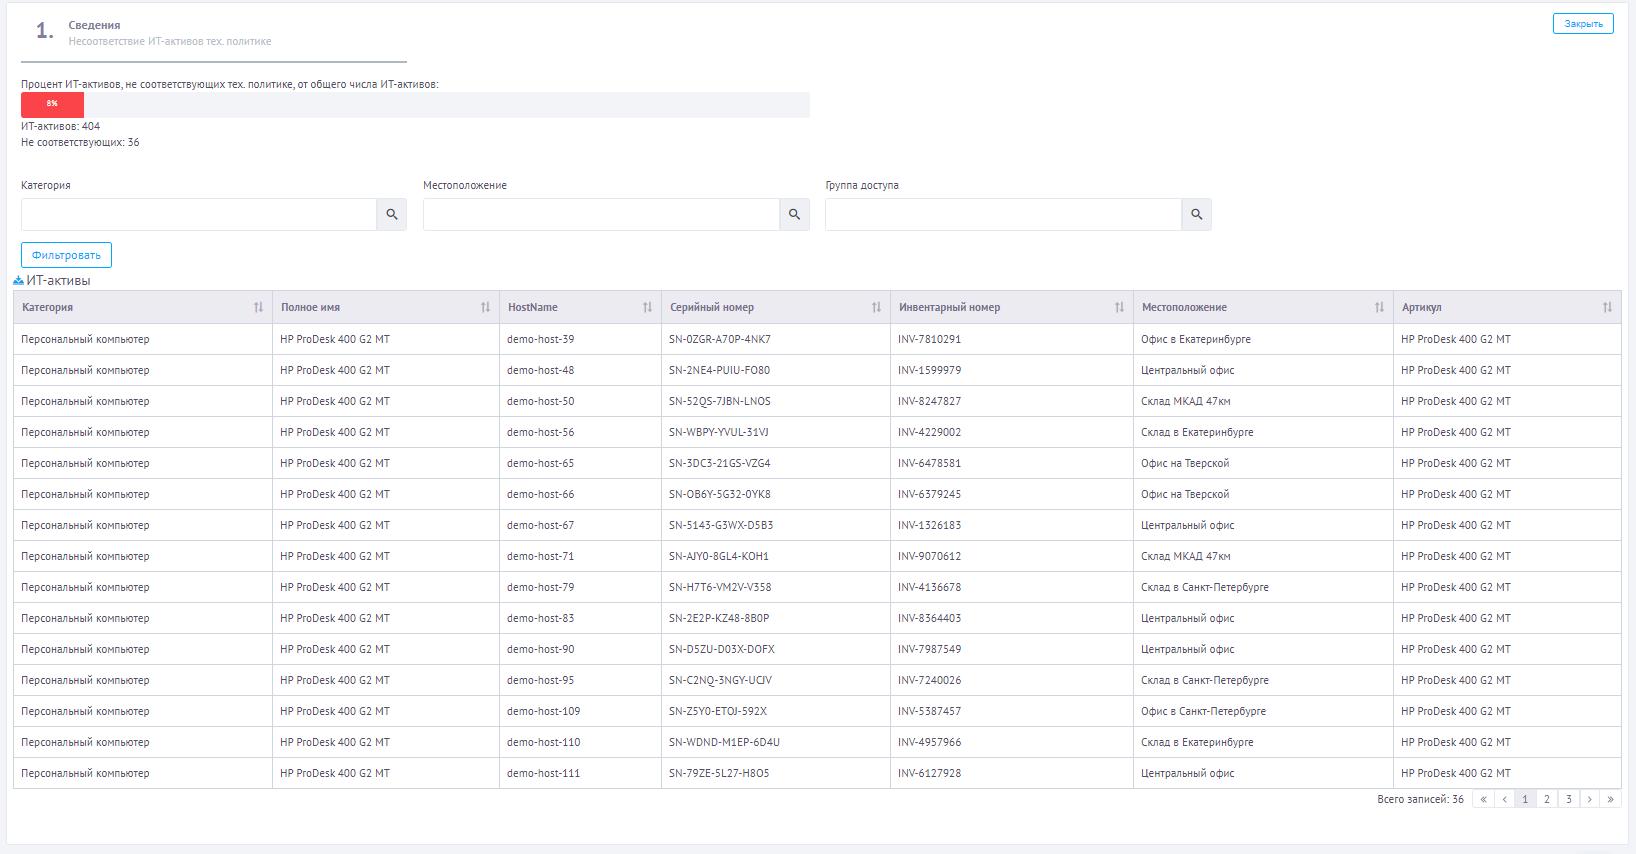 Отчет несоответствия ИТ-активов стандартным позициям каталога